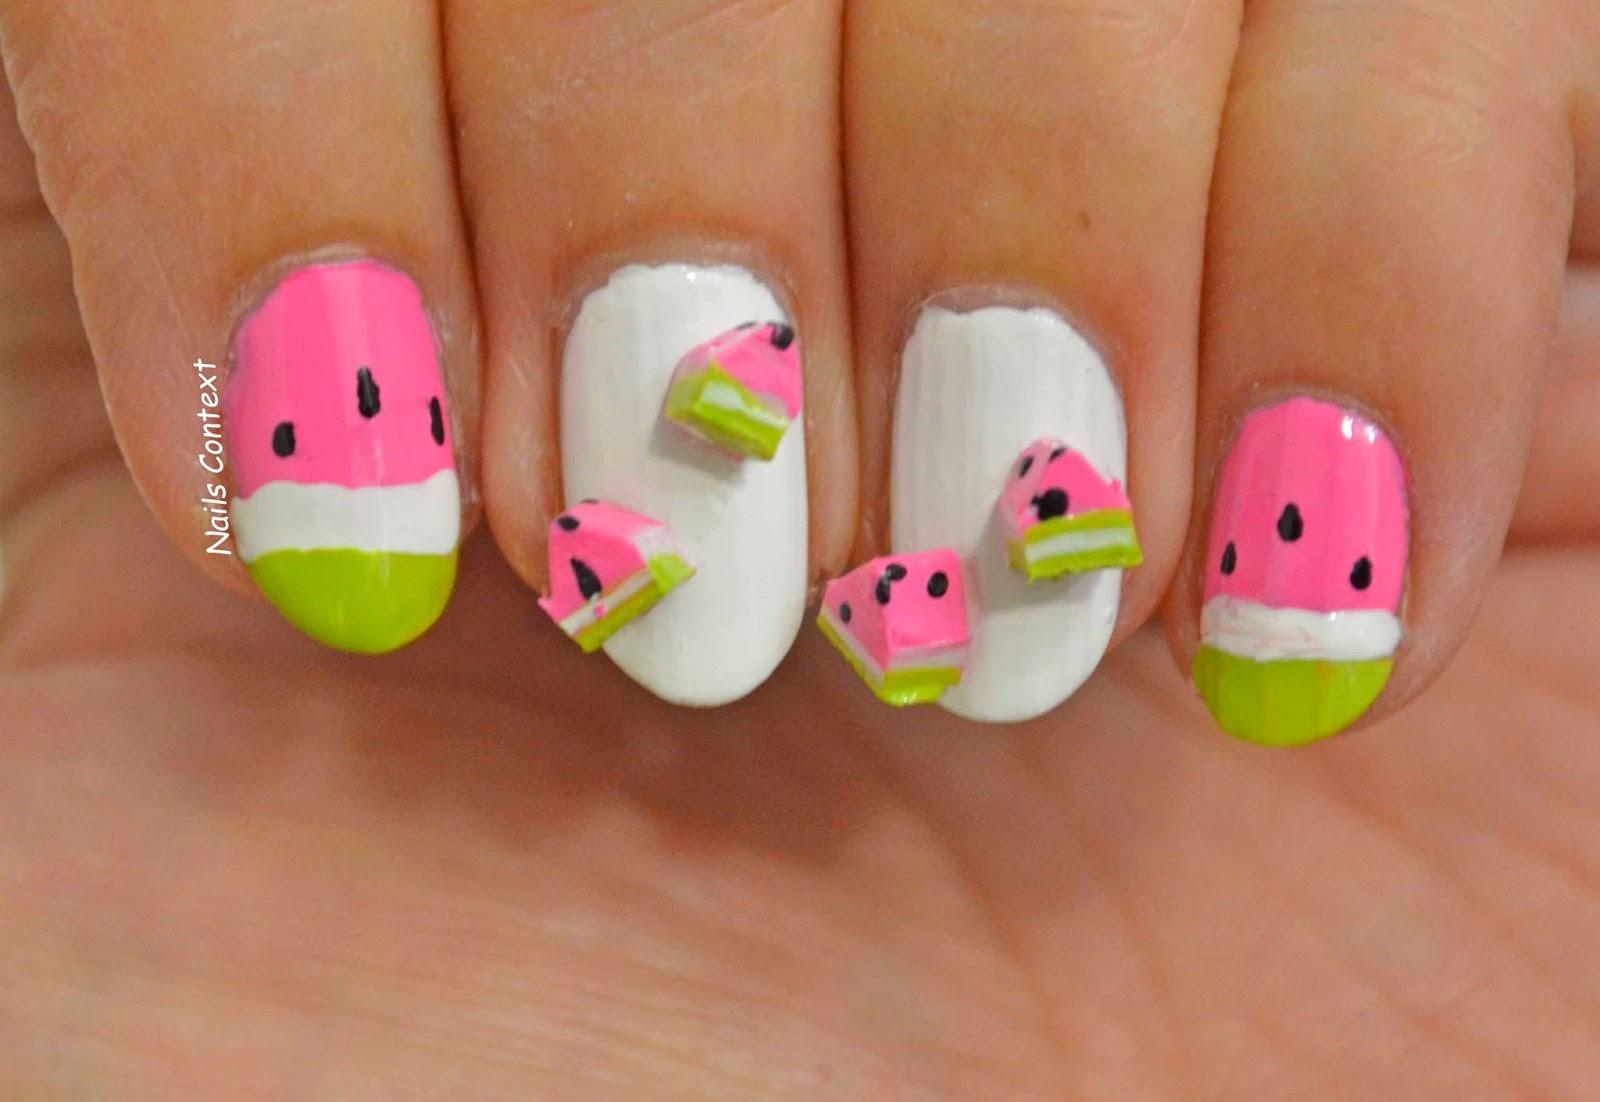 Nails Context: Watermelon Nails